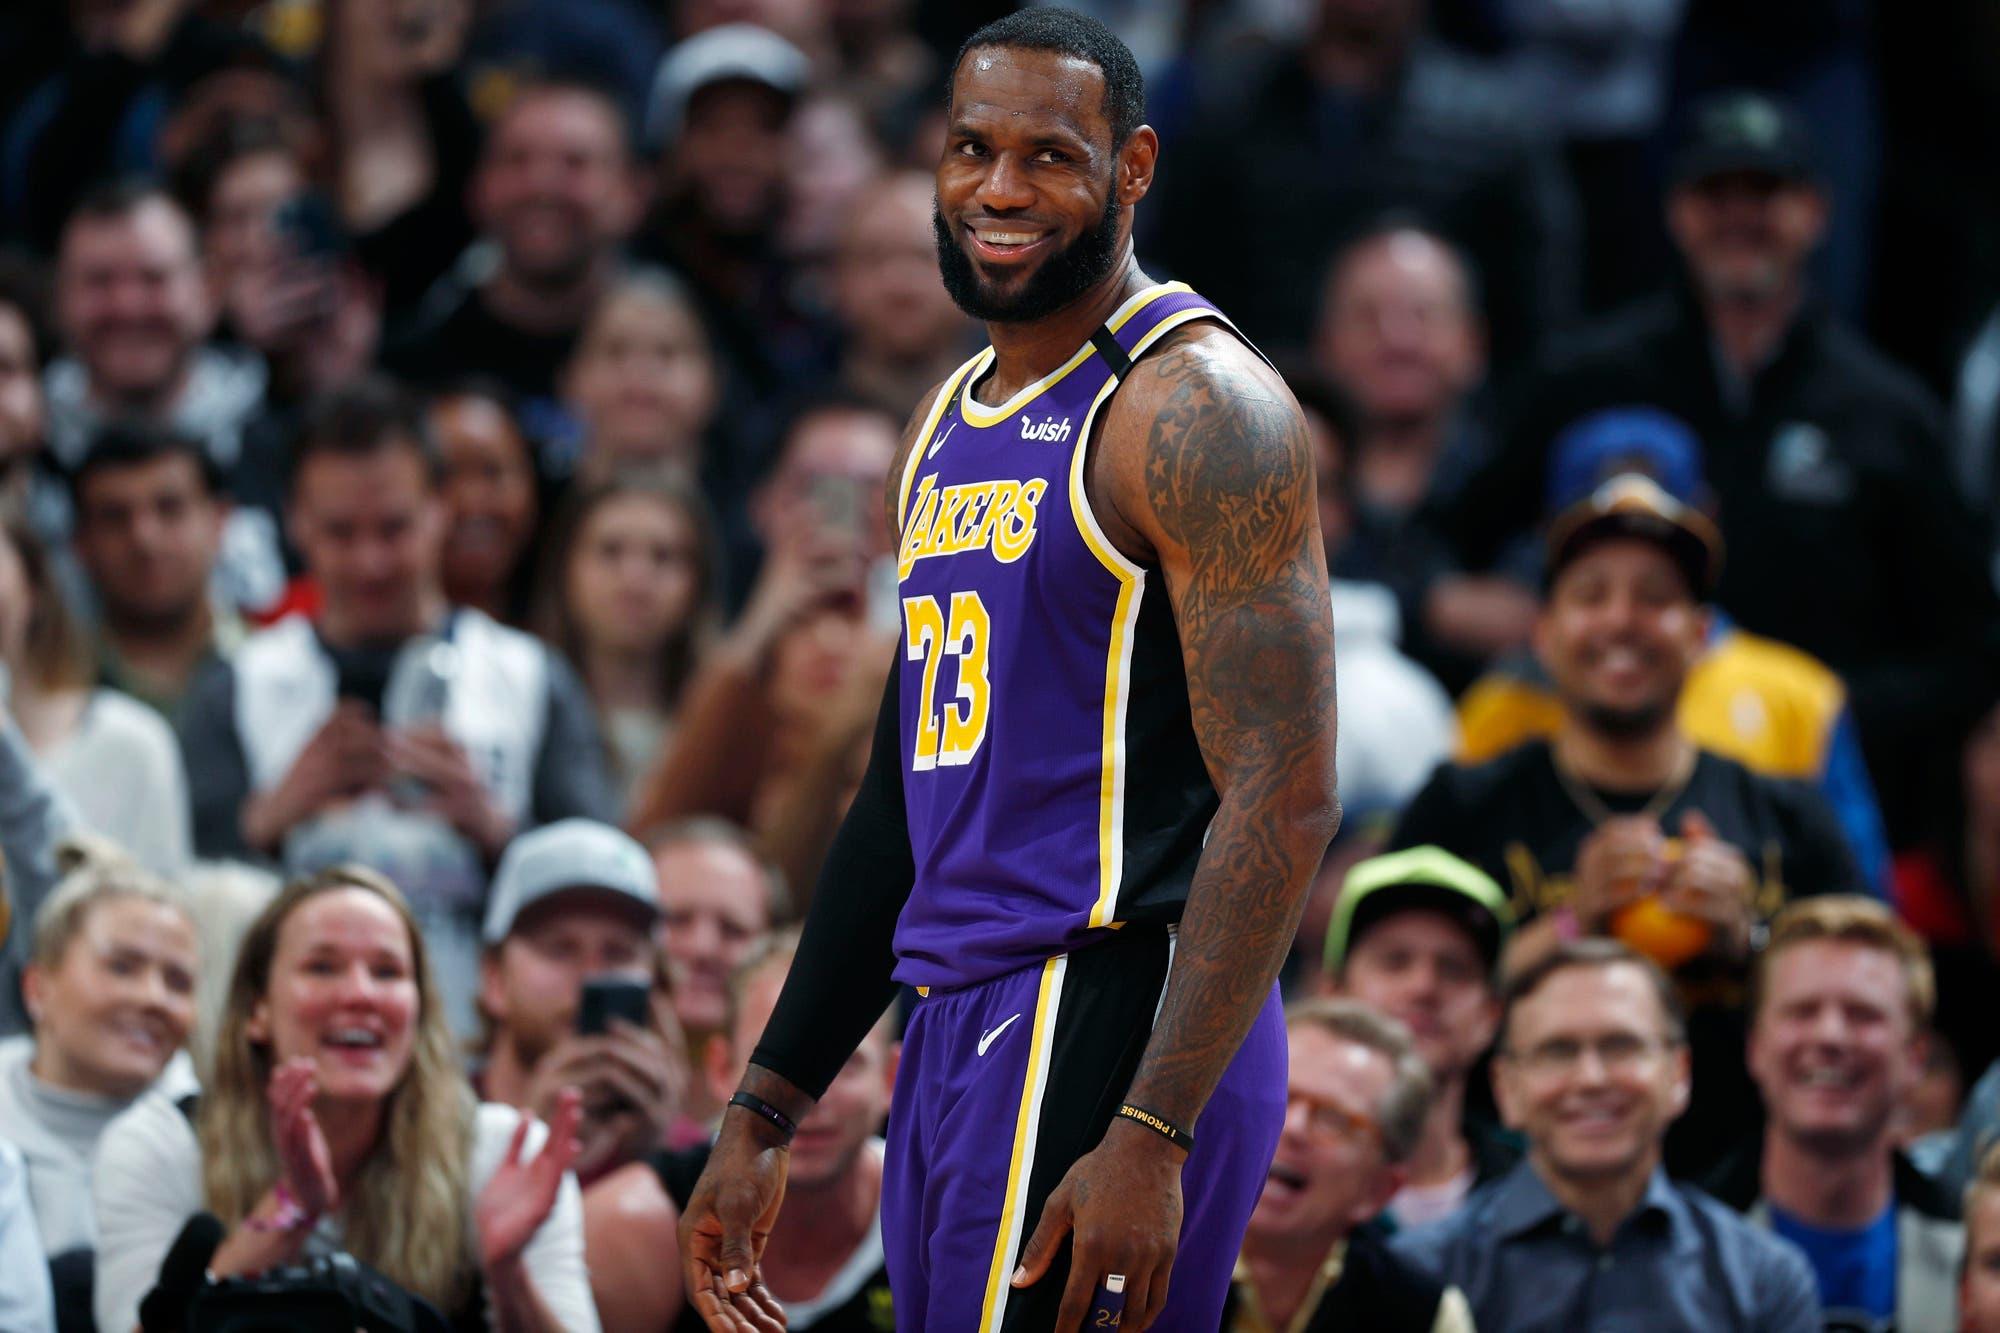 Vuelve la NBA: días, horarios y TV del regreso en Disney, con el clásico Lakers-Clippers como plato fuerte